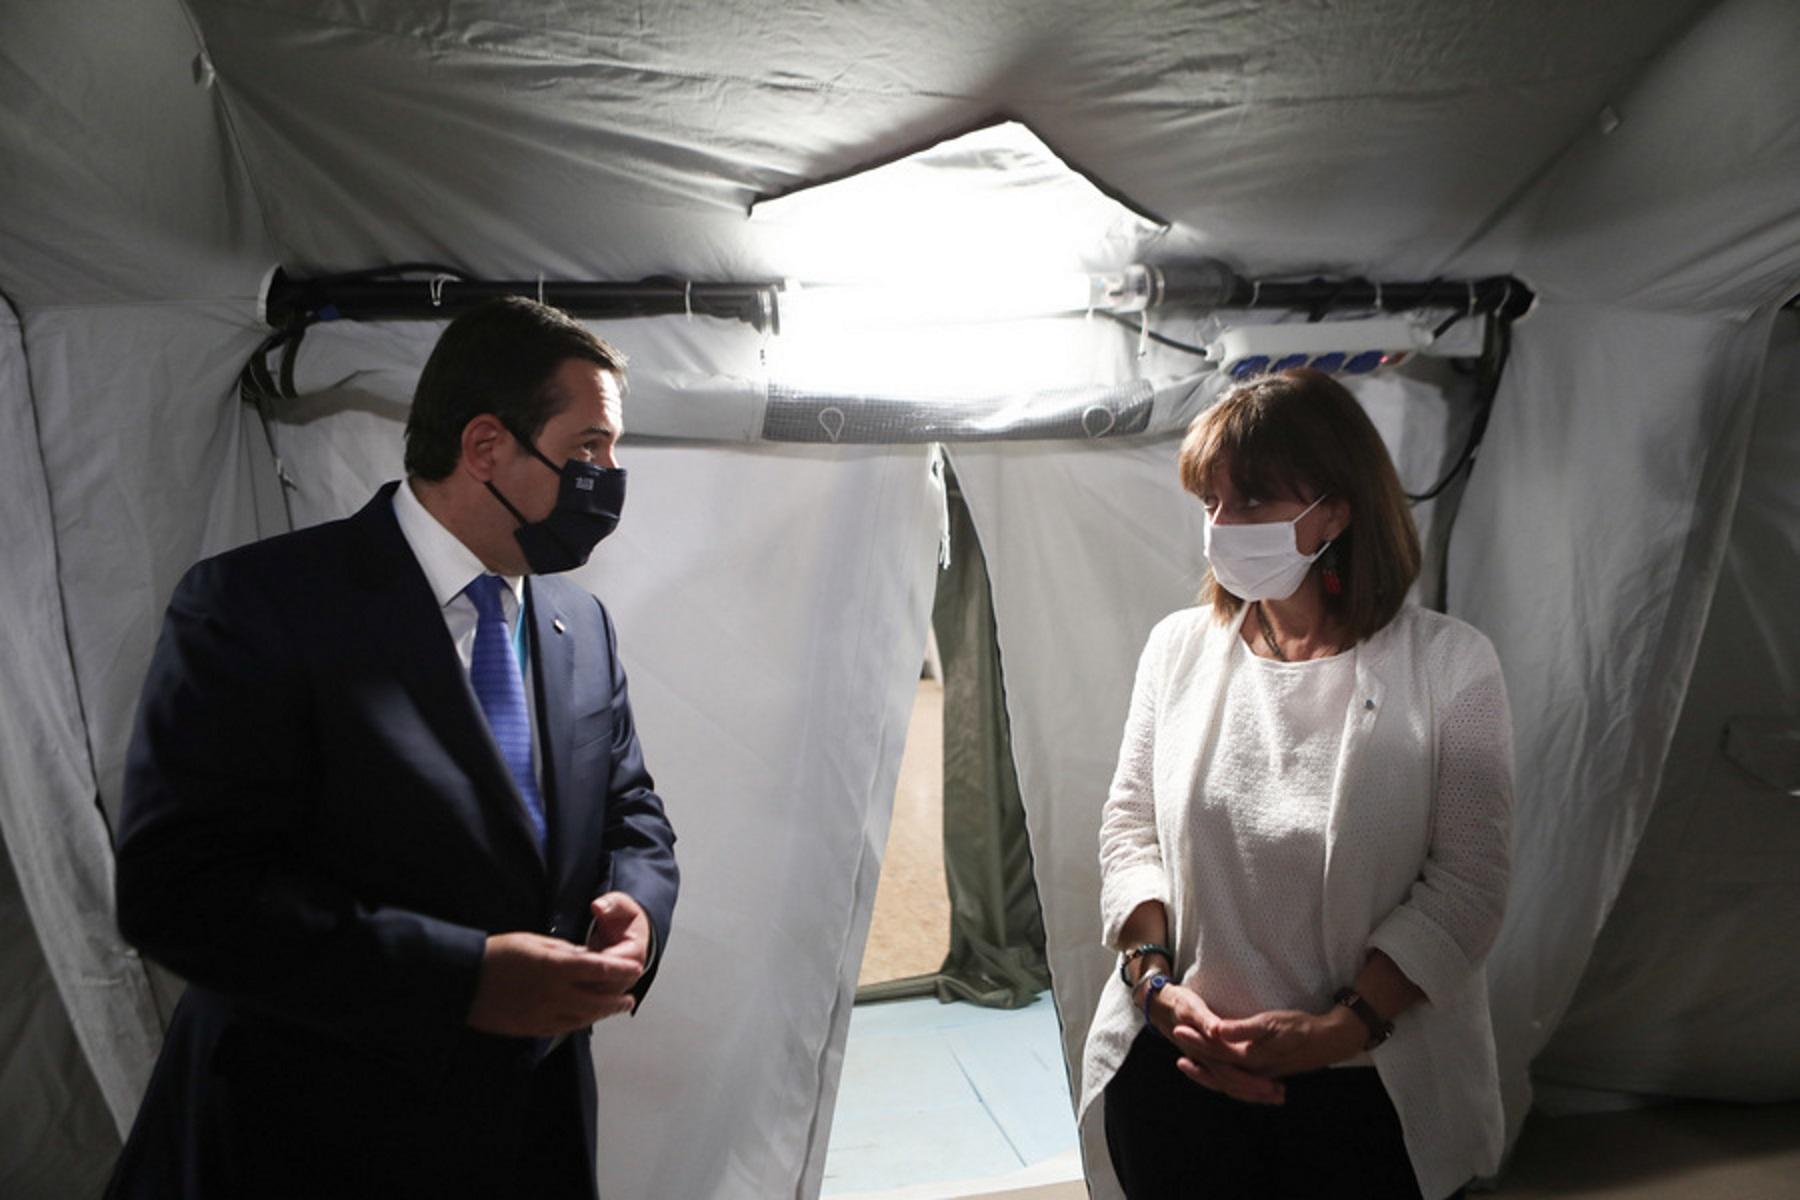 Στη νέα υγειονομική μονάδα του Κέντρου Υποδοχής και Ταυτοποίησης της Μόριας η Κατερίνα Σακελλαροπούλου